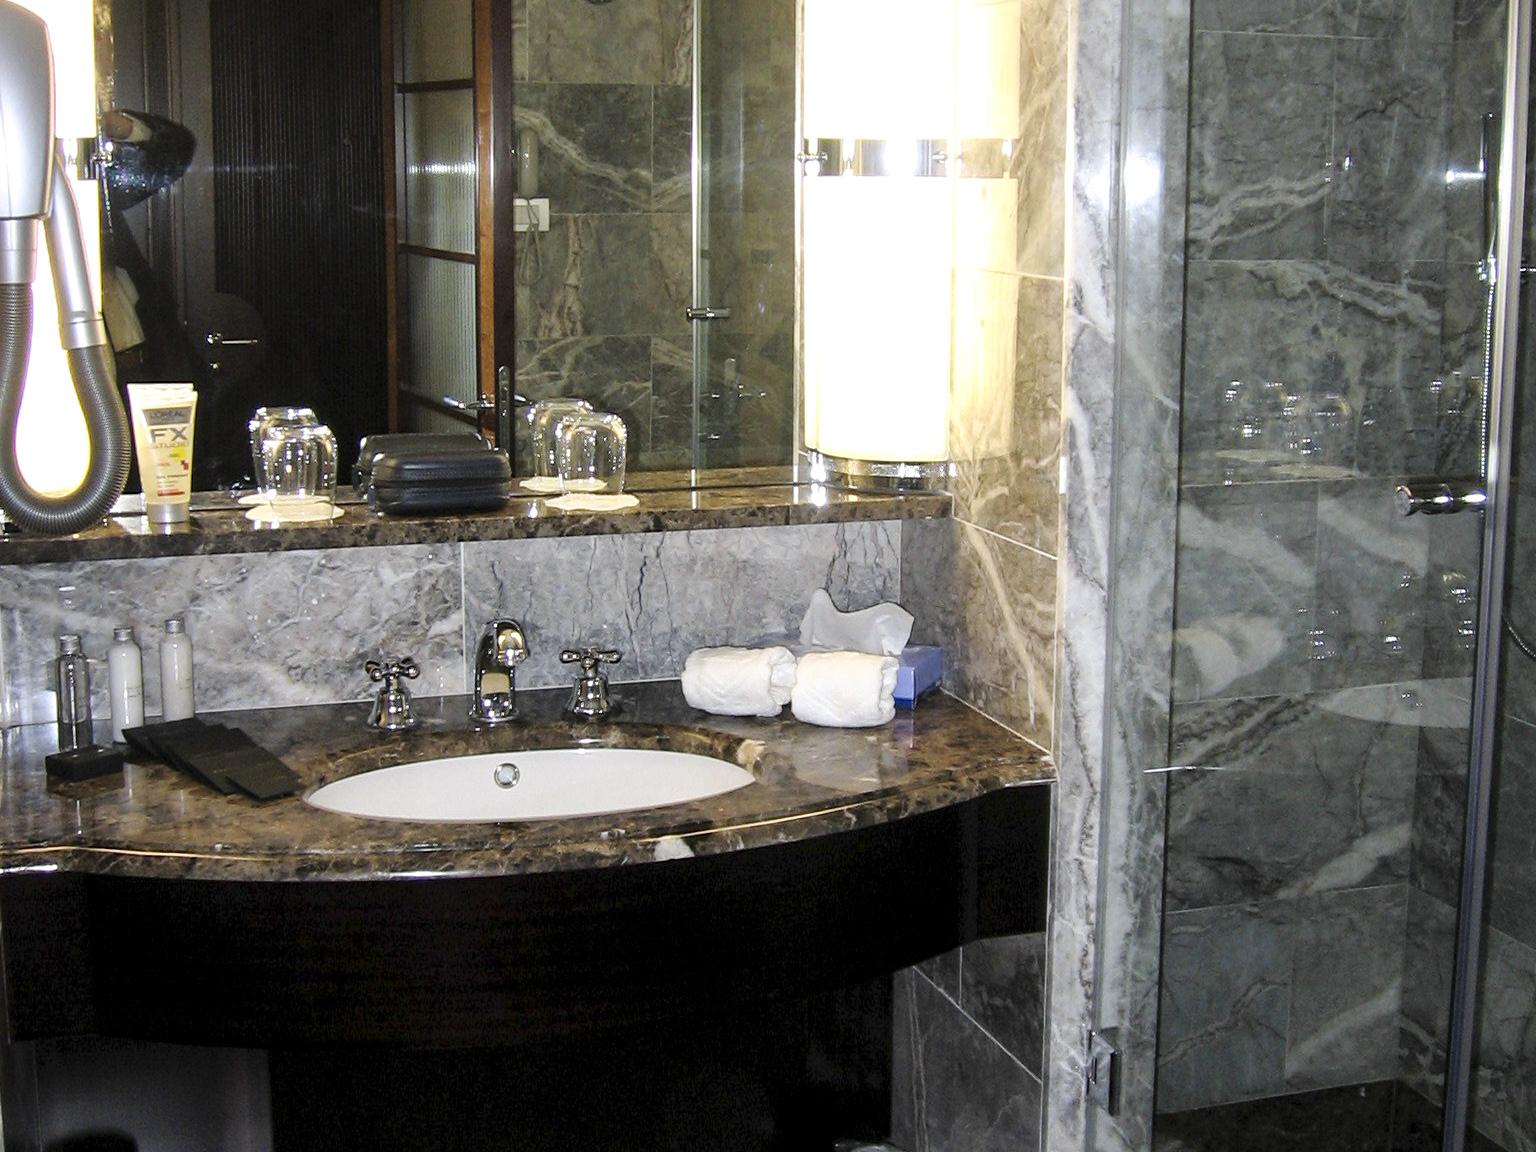 Bathroom design in hotel torino milgem for Hotel design torino